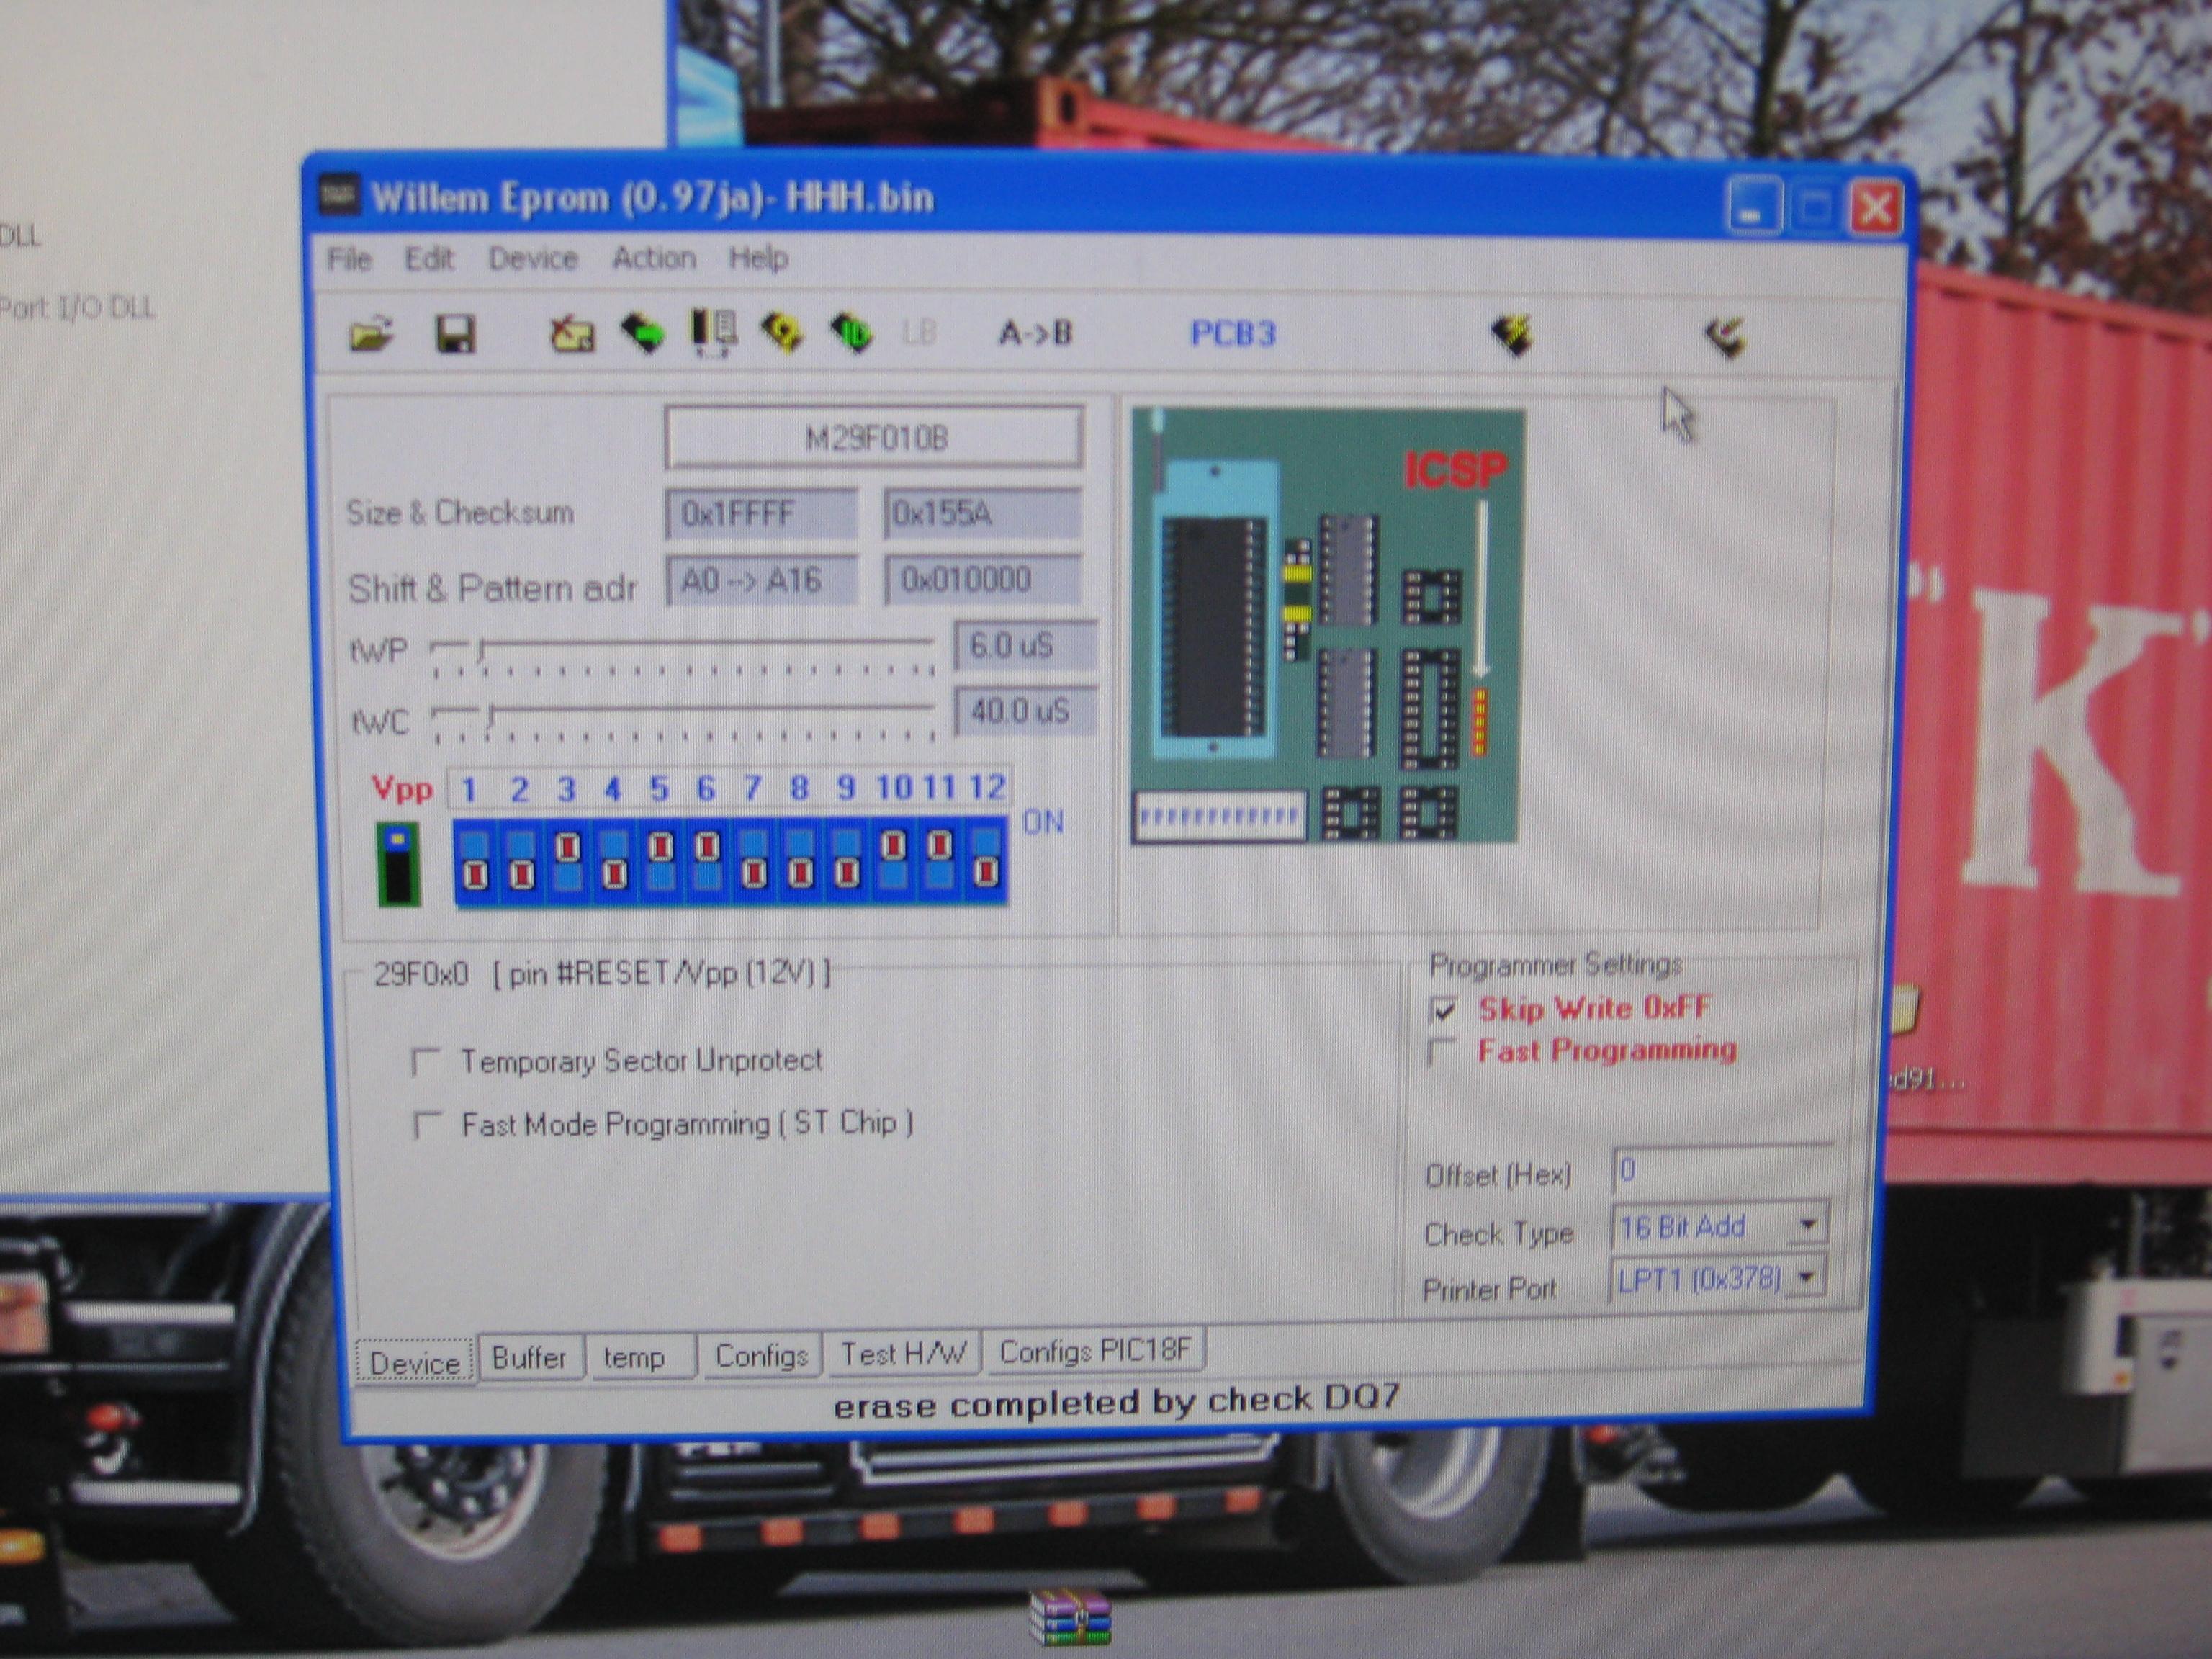 willem pcb3 am29f010b - pr�ba odczytu id oraz zaprogramowania